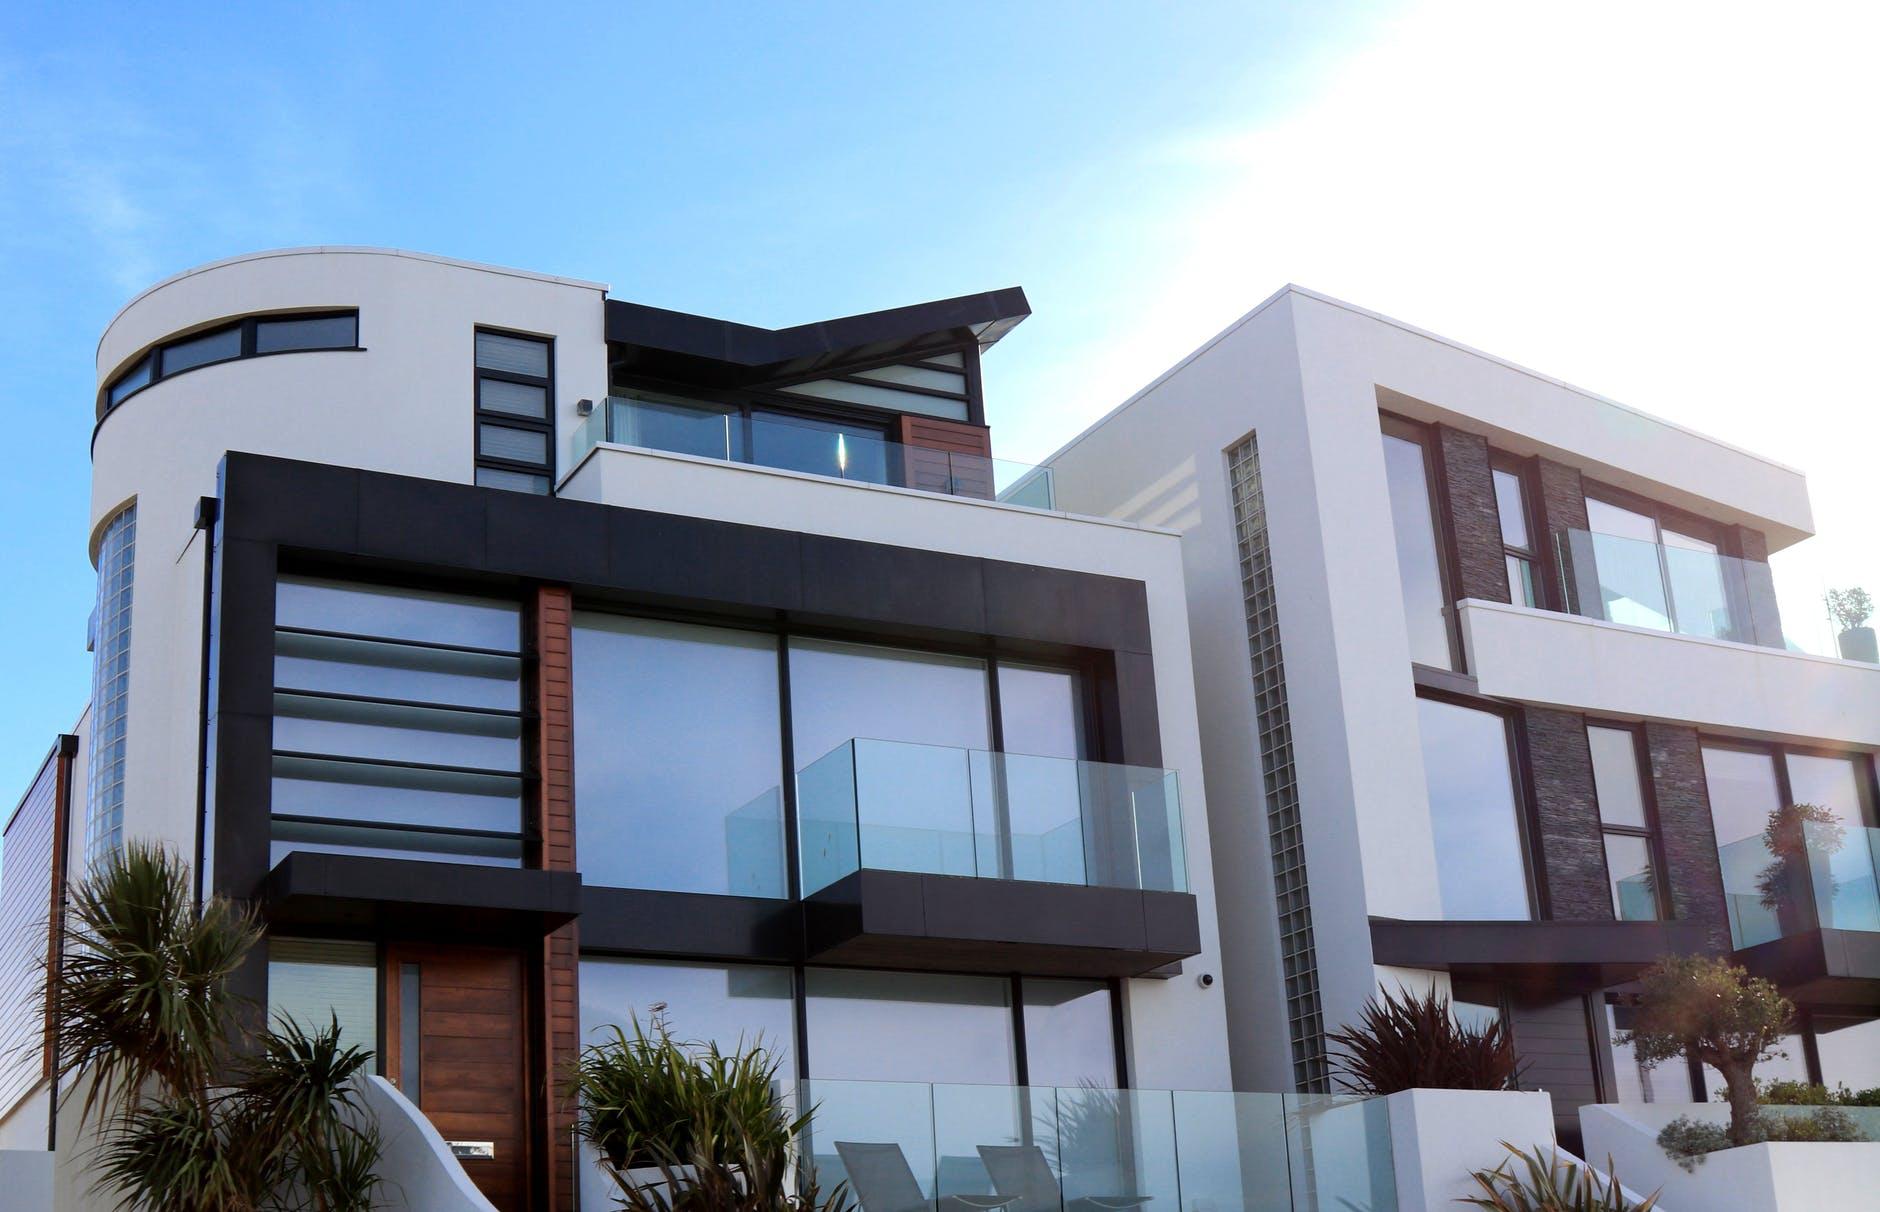 تصميم منزل عبر الإنترنت